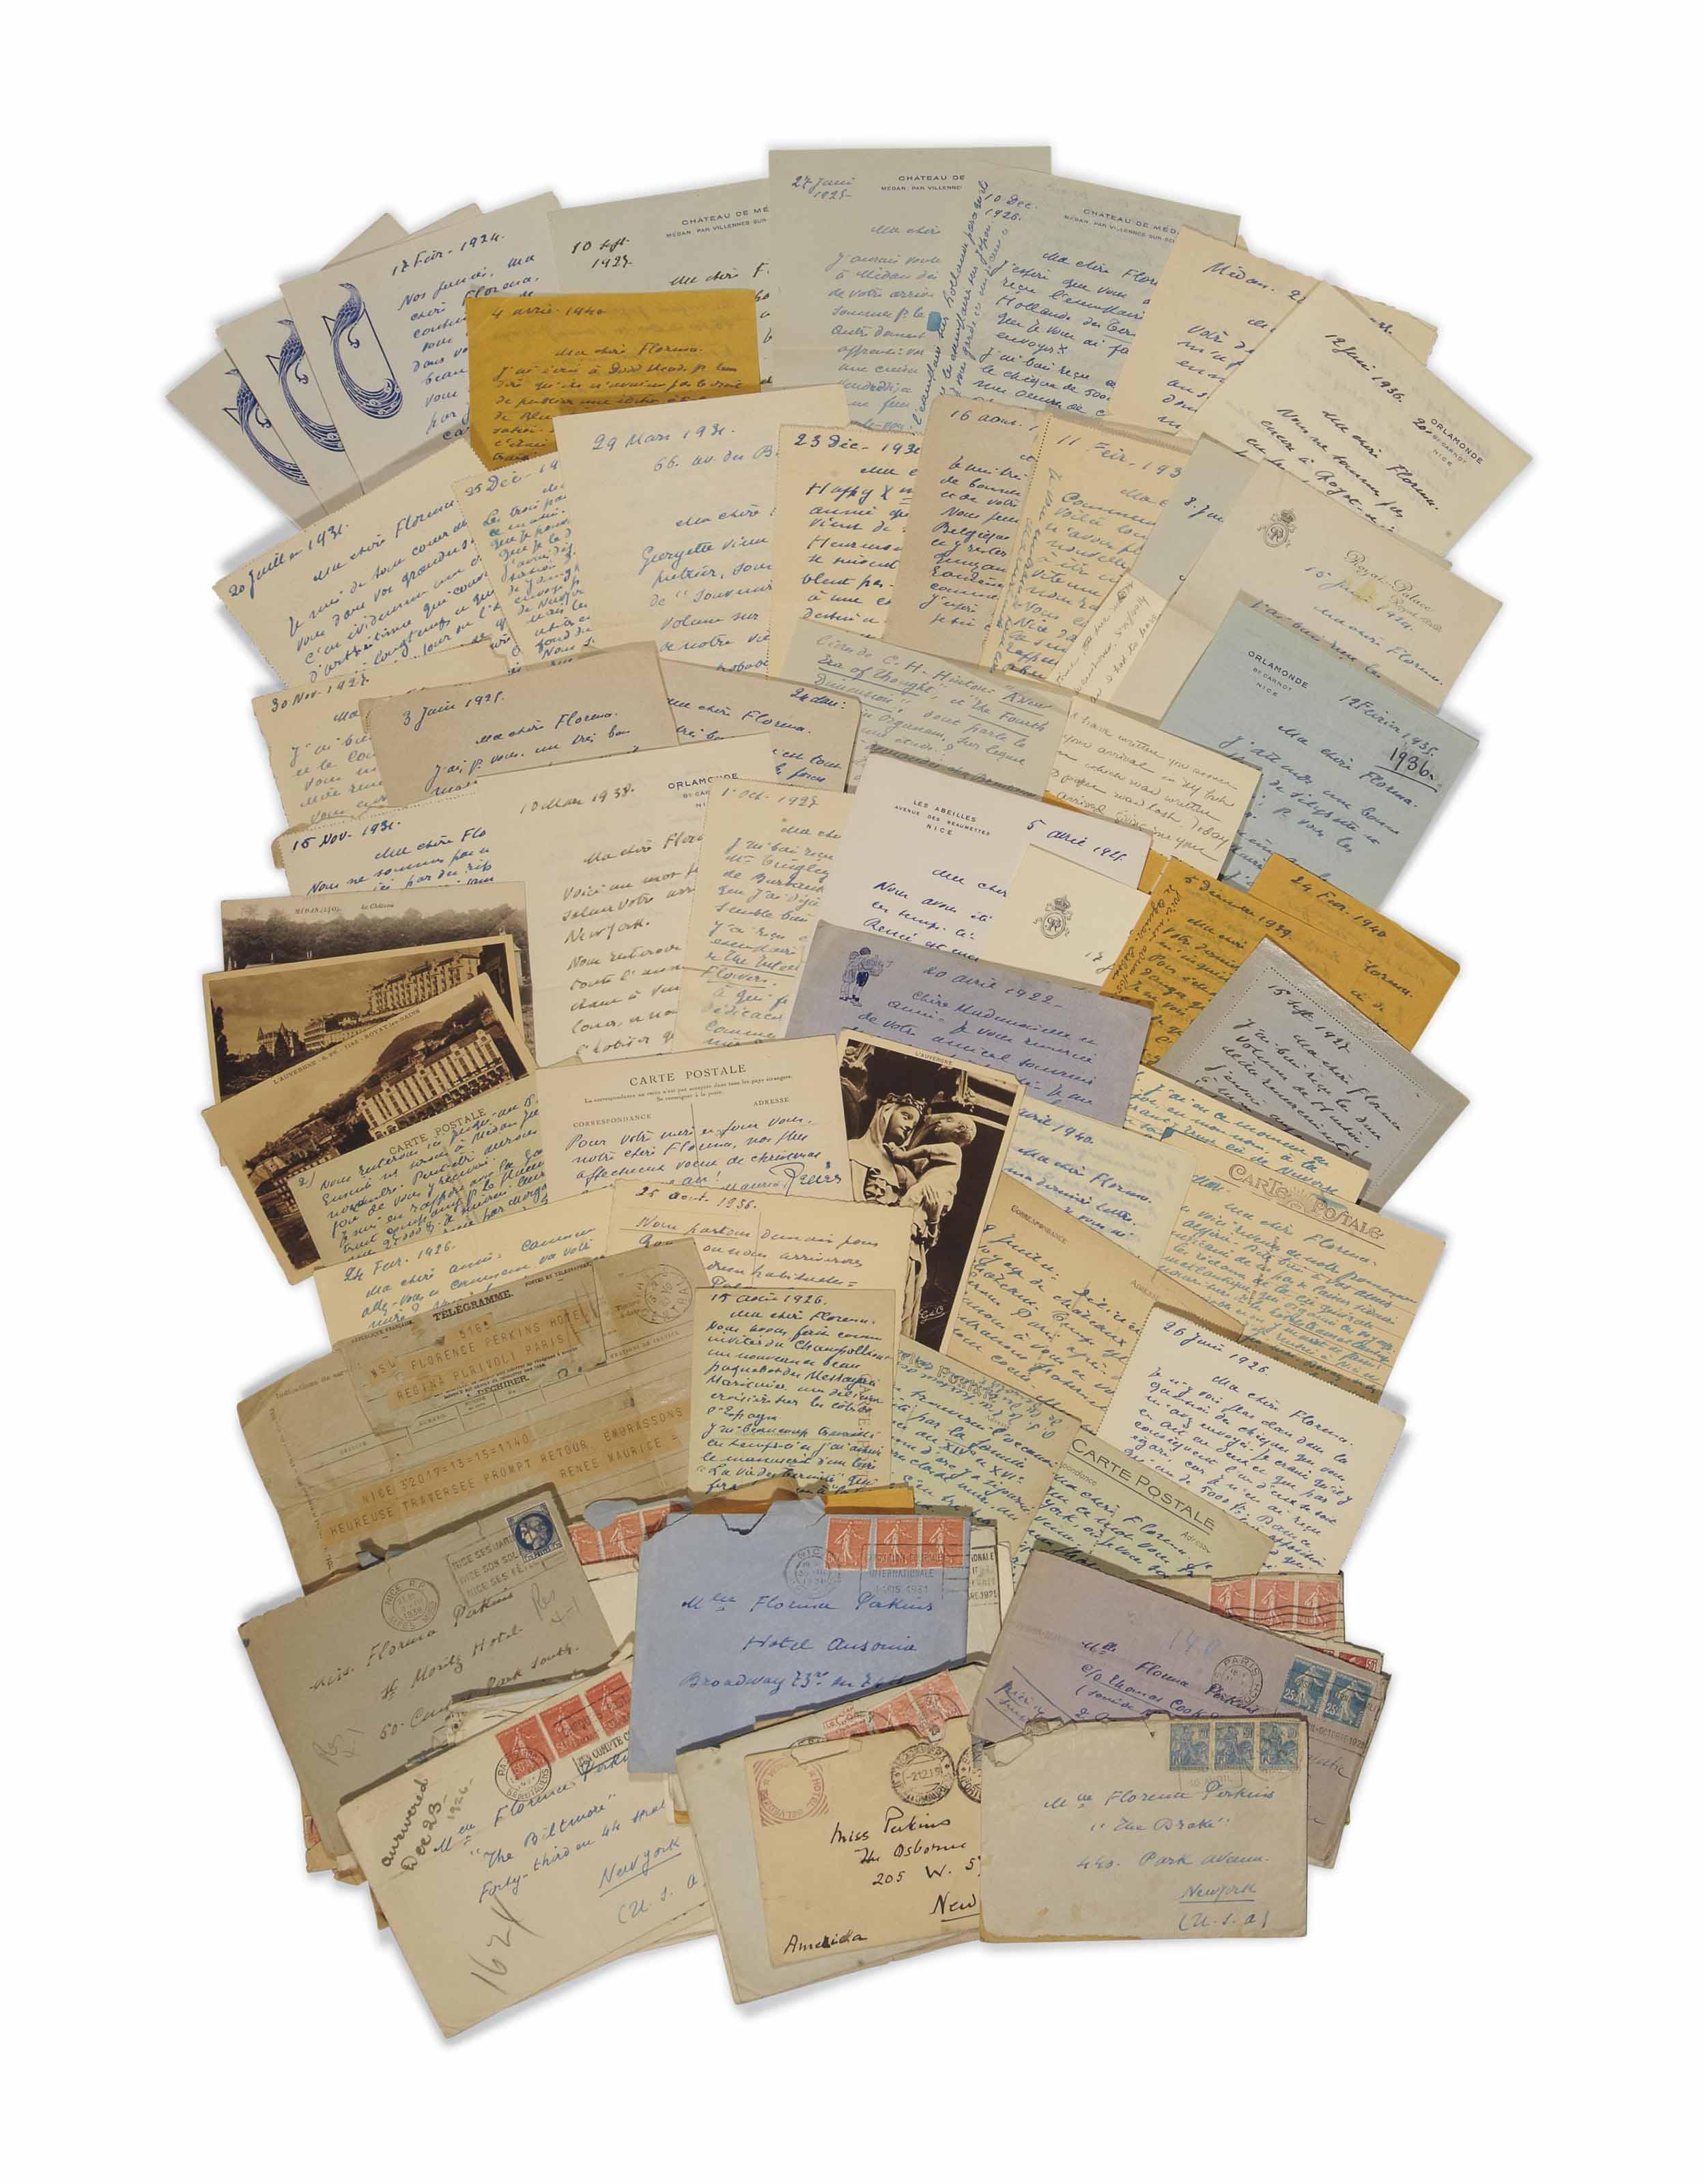 Passe A Florence 4 Lettres : passe, florence, lettres, Maurice, MAETERLINCK, (1862-1949).140, Lettres, Autographes, Signées, Maeterlinck, Datées, Plupart,, Adressées